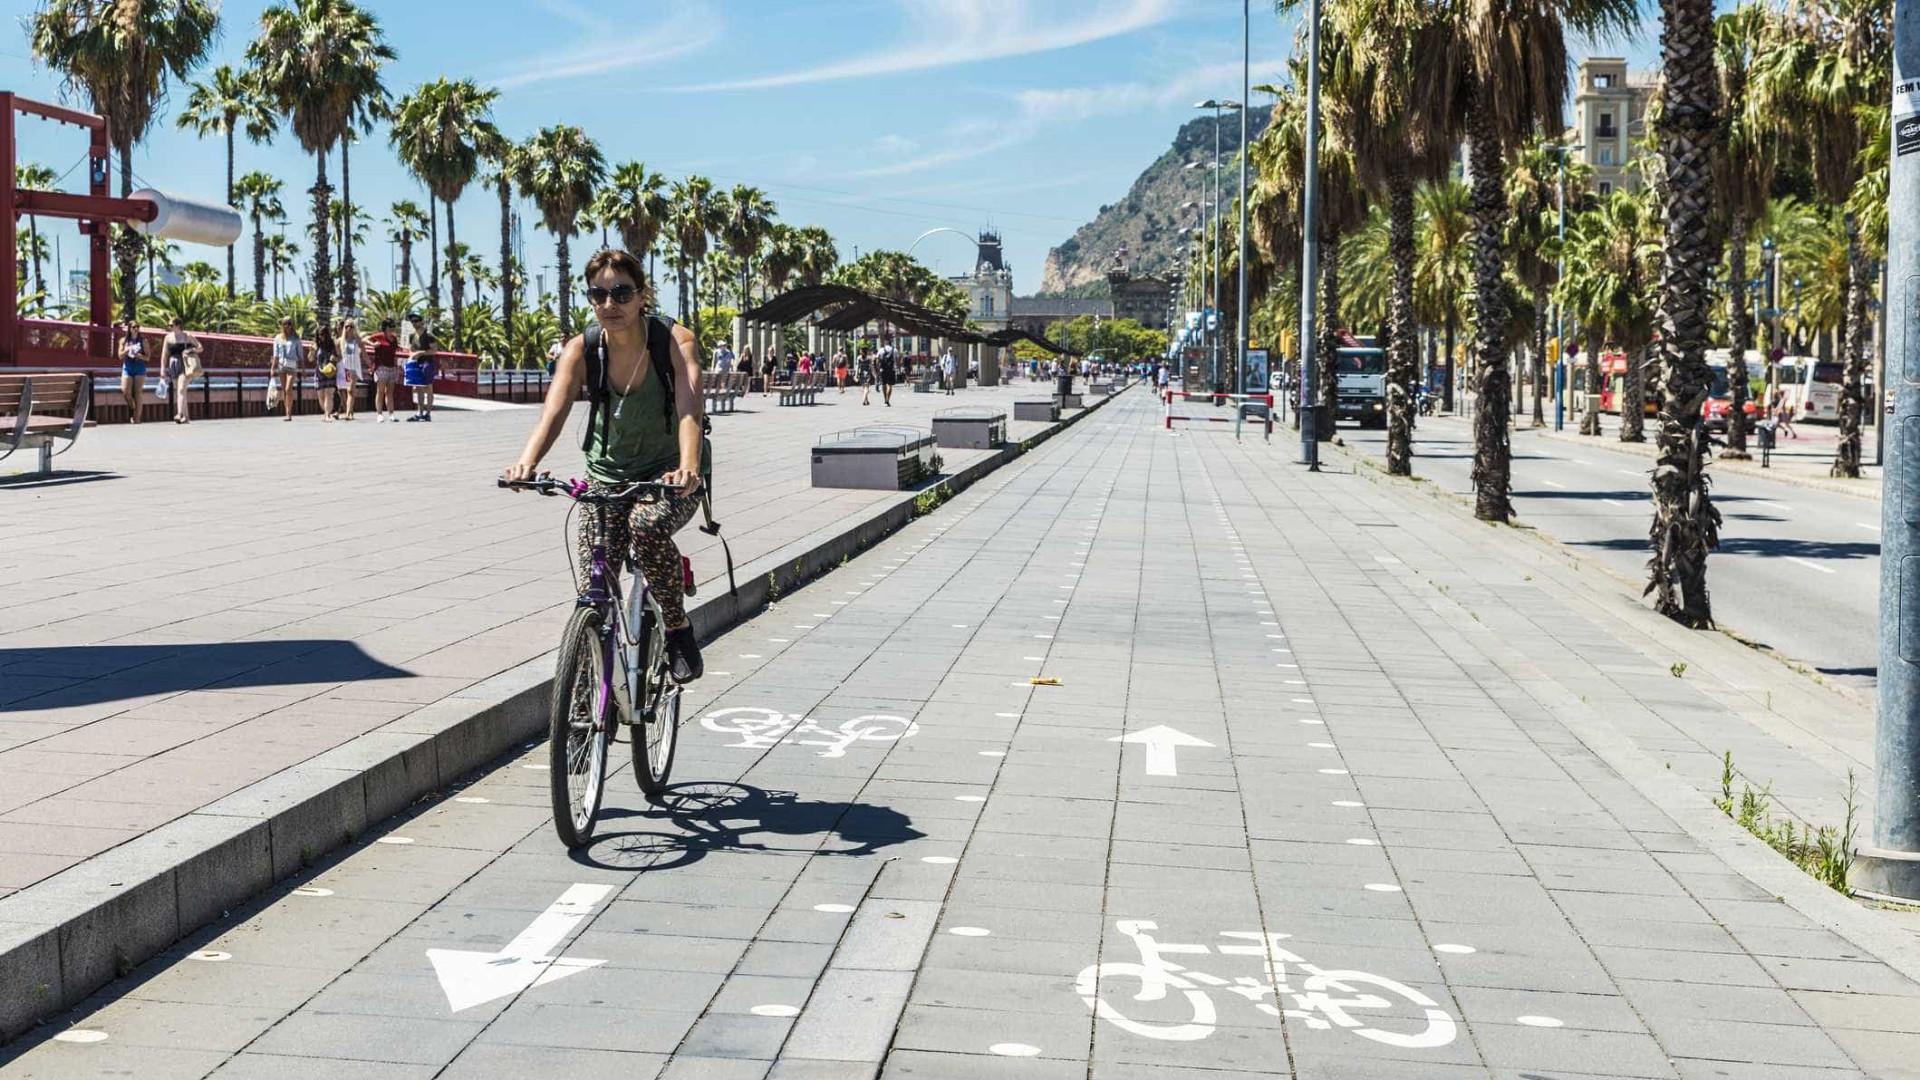 Andar de bicicleta em segurança? Eis os conselhos a seguir